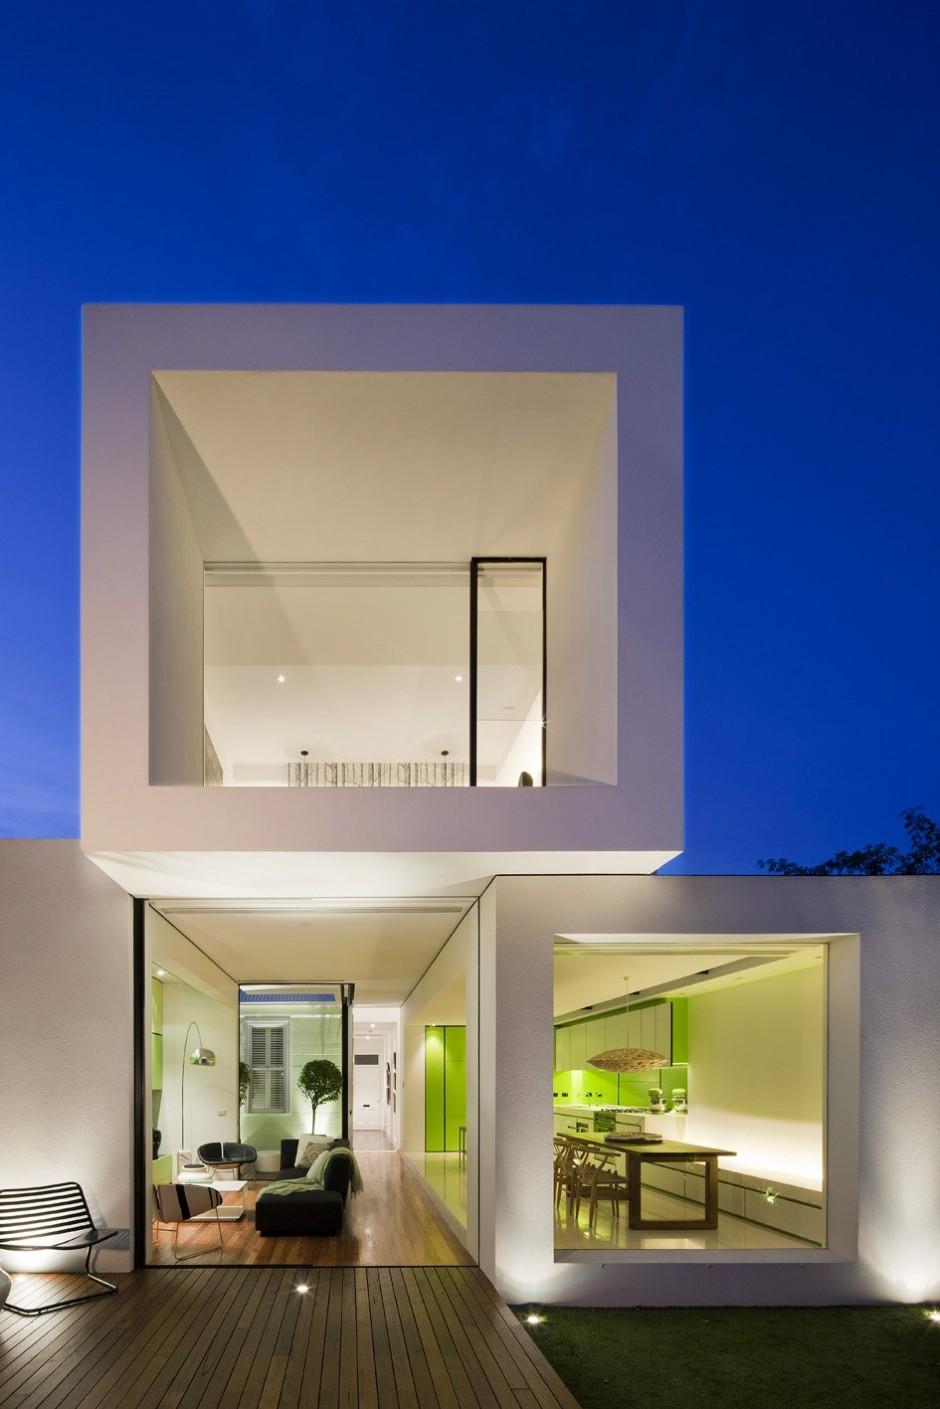 Rumah Minimalis Dengan Bentuk Kreatif